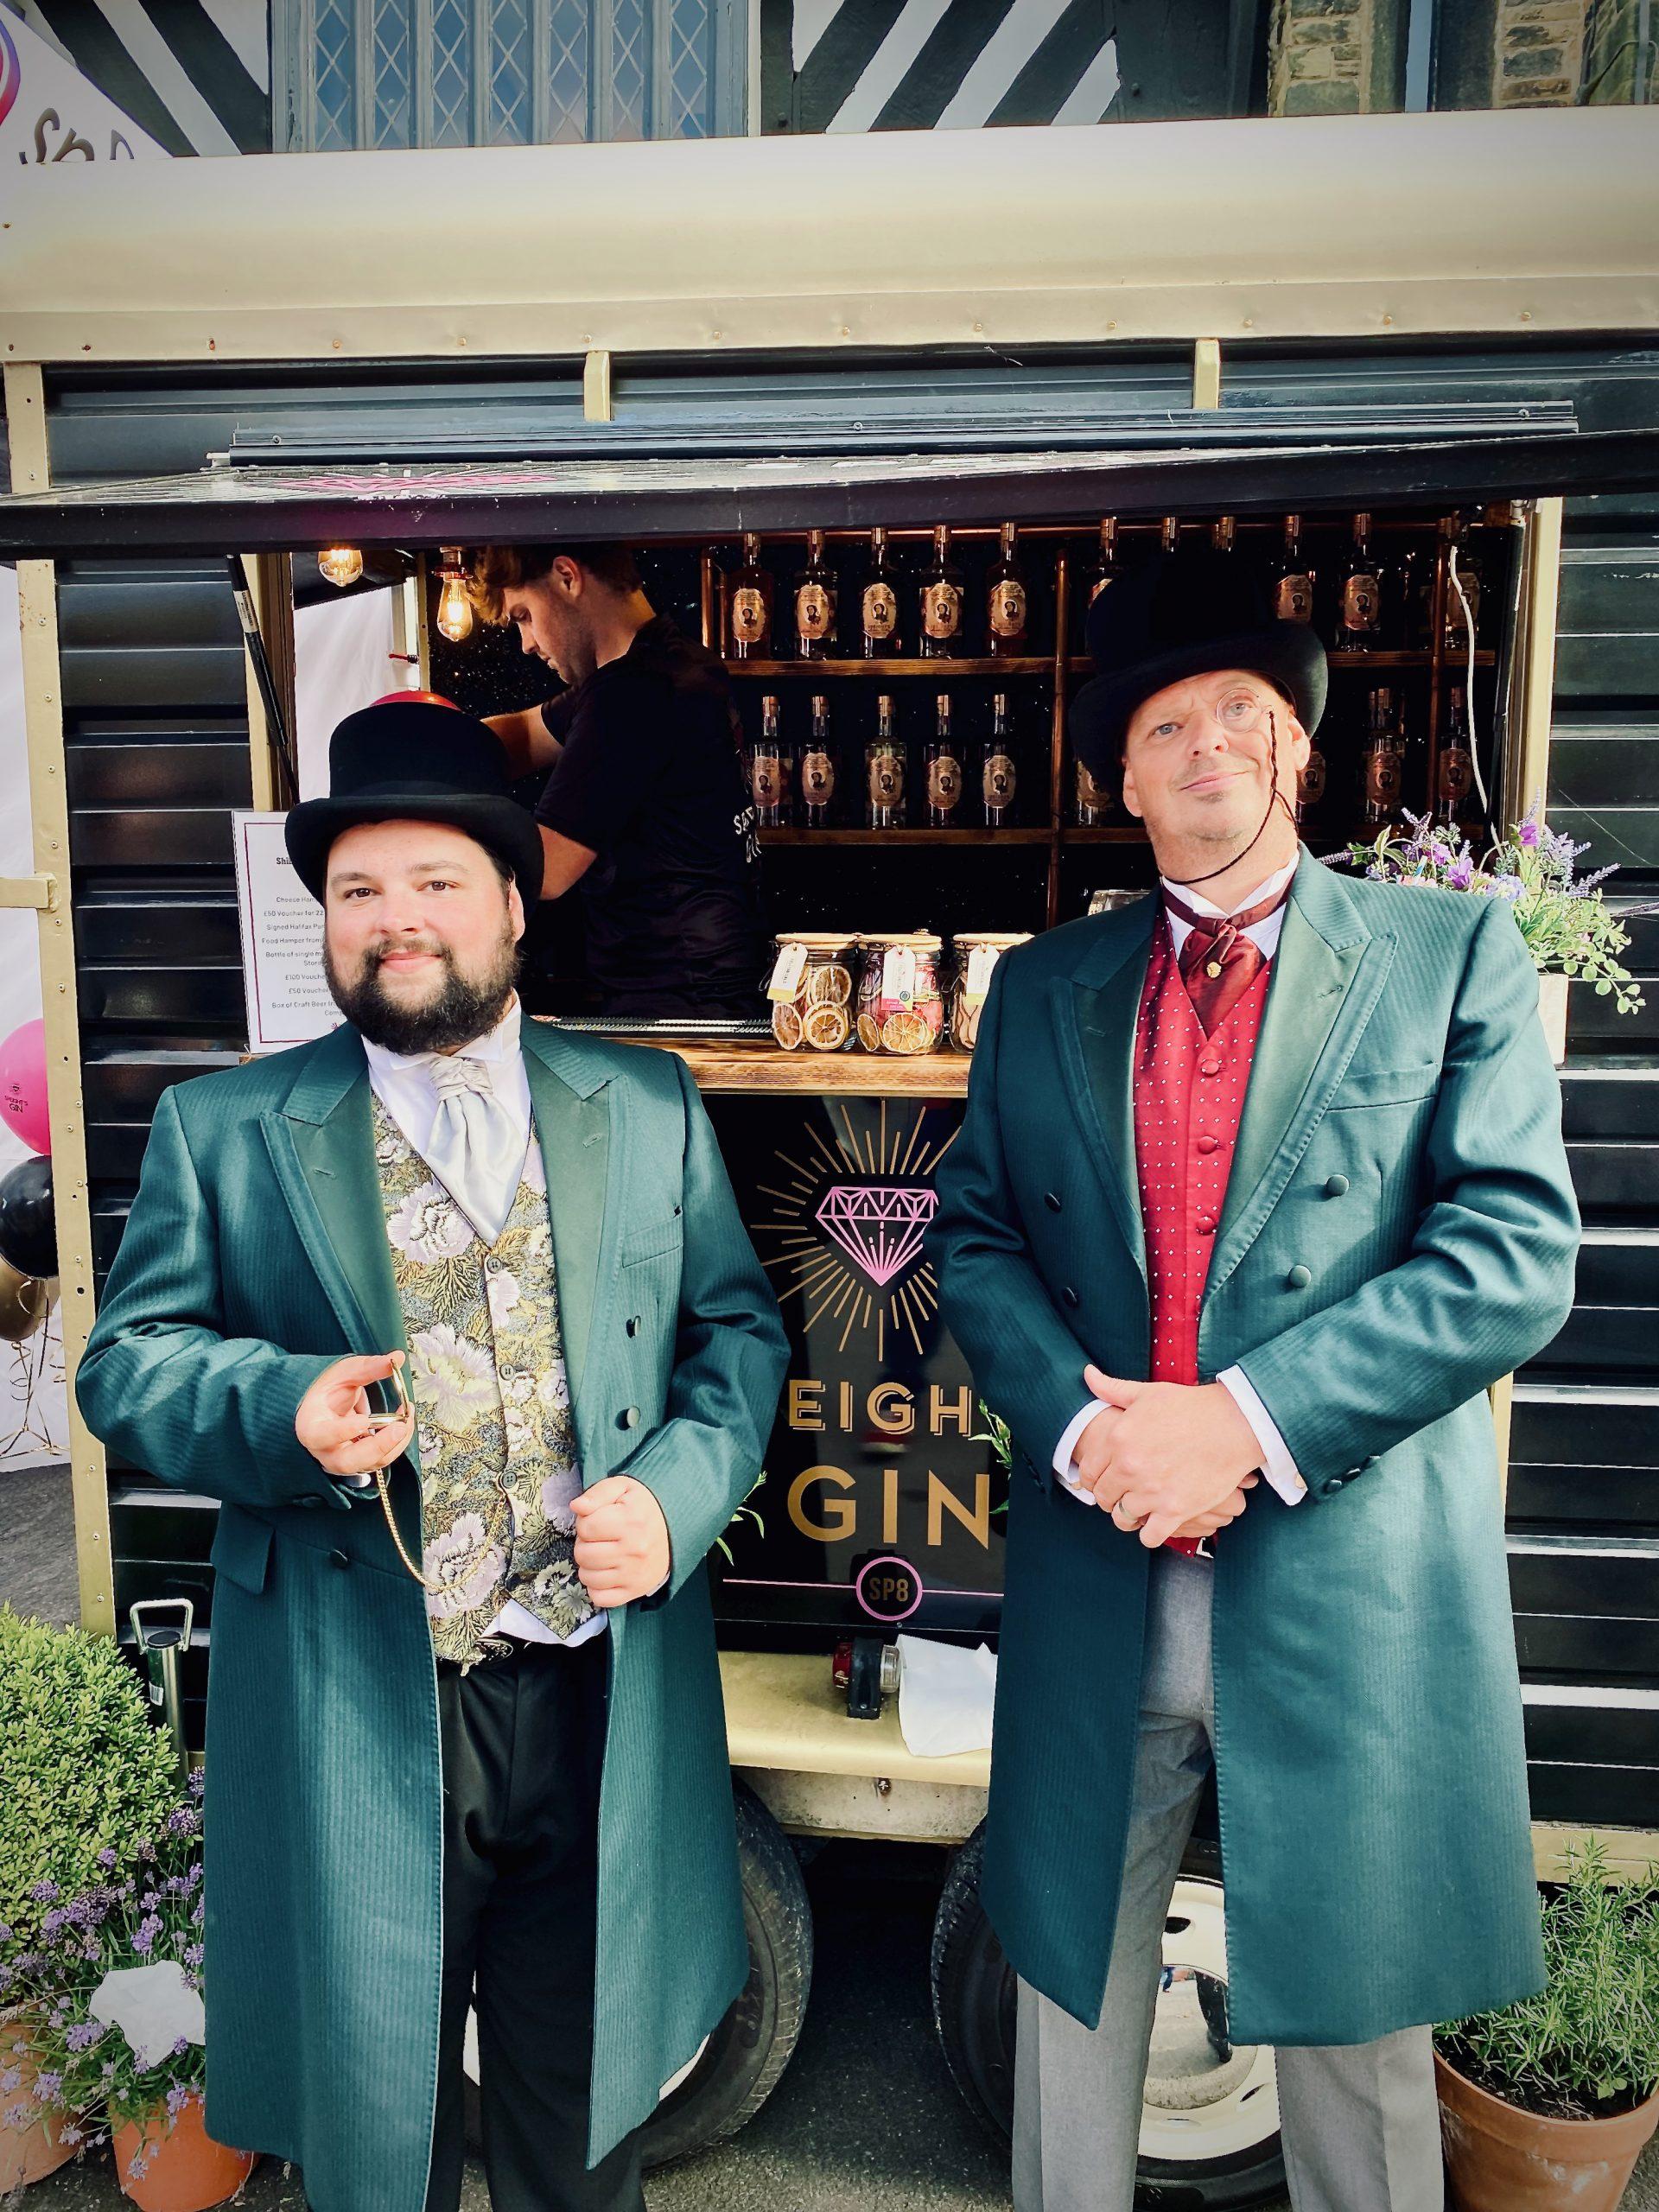 Shibden Hall Gin